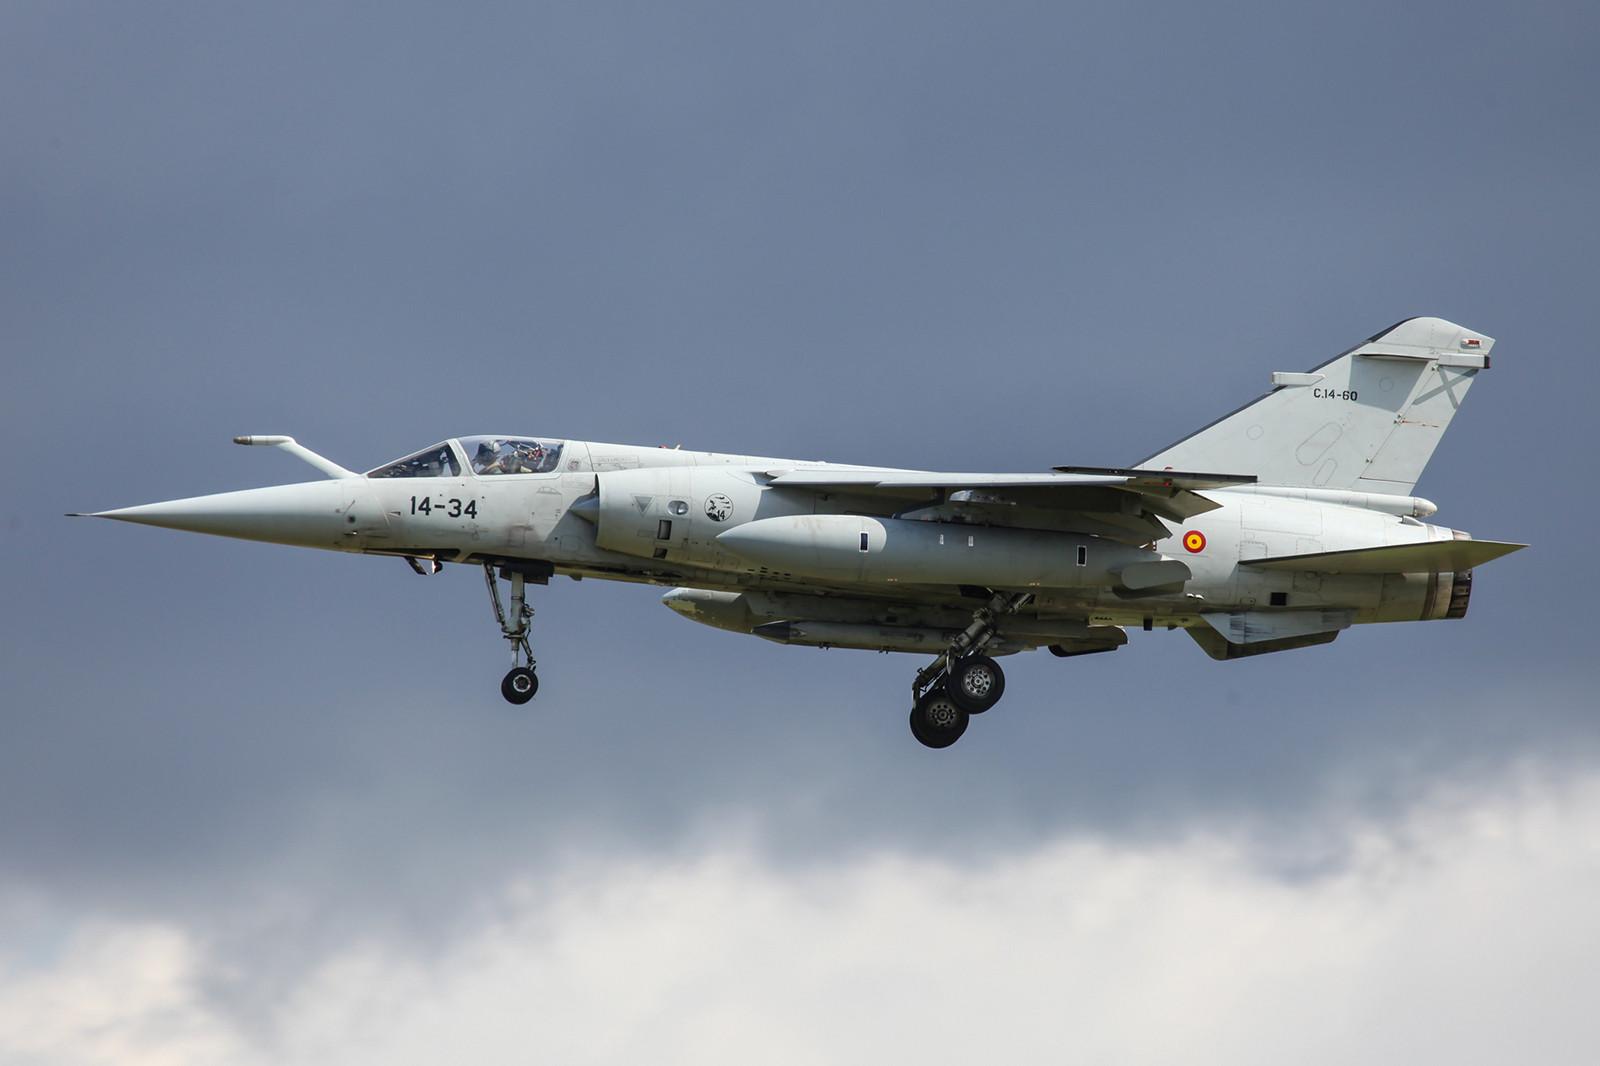 Ebenfalls eine ehemalige F-1EE ist die C.14-60, zu sehen bei der Landung in Albacete wärend des TLP.